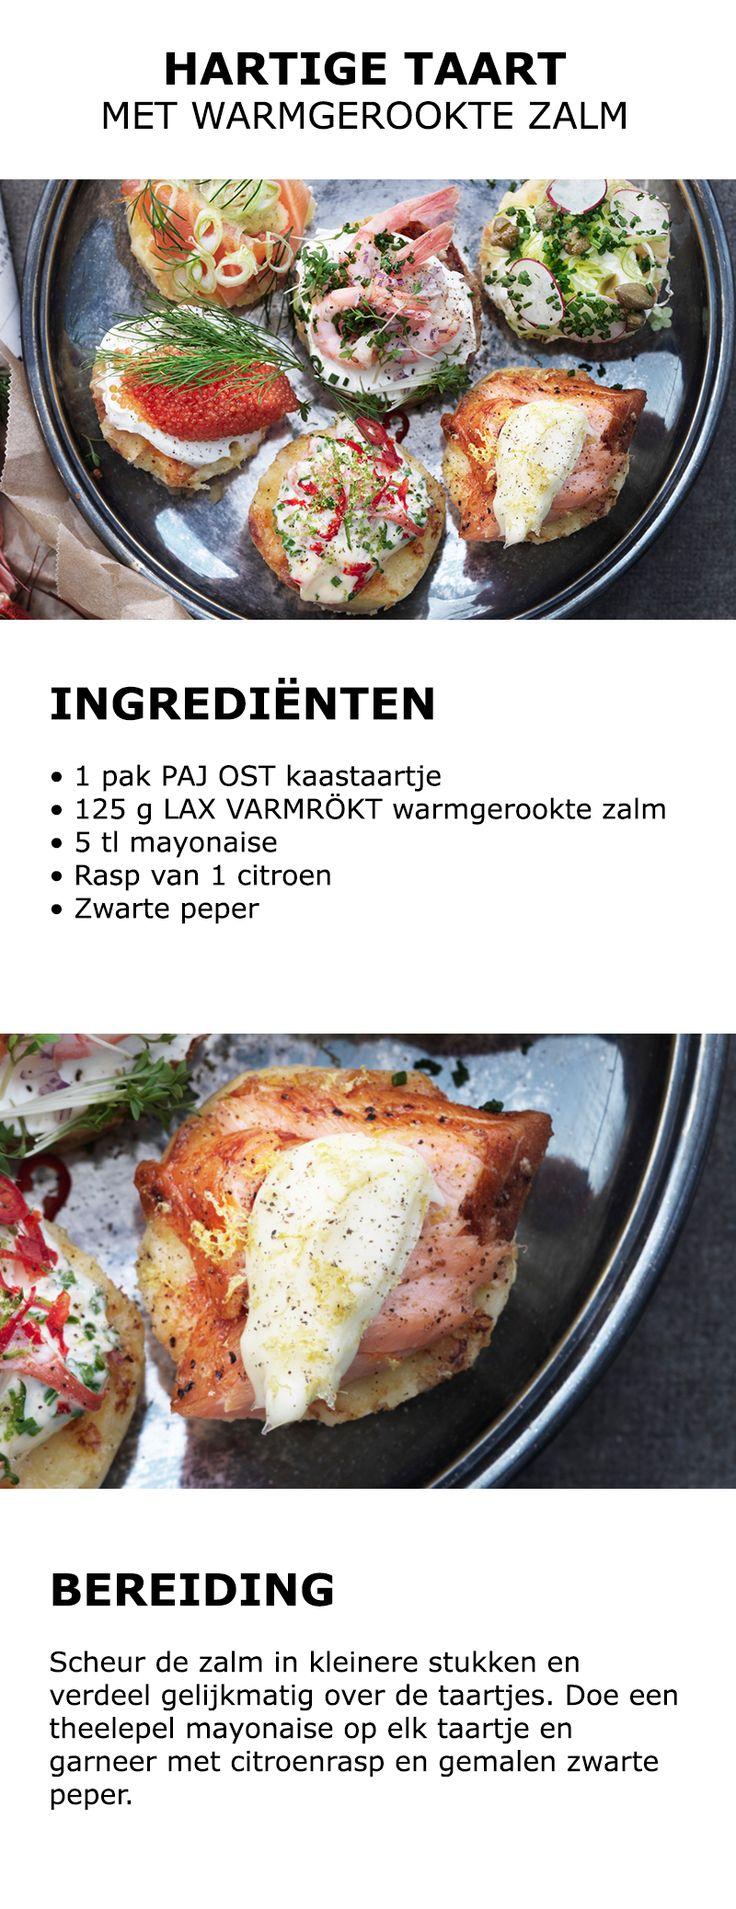 Inspiratie voor het rivierkreeftenfeest - Hartige taart met kaviaar   #IKEA #IKEAnl #inspiratie #keuken #koken #feest #rivierkreeft #kreeft #Zweeds #traditie #kaastaart #zalm #citroen #gerecht #hapje